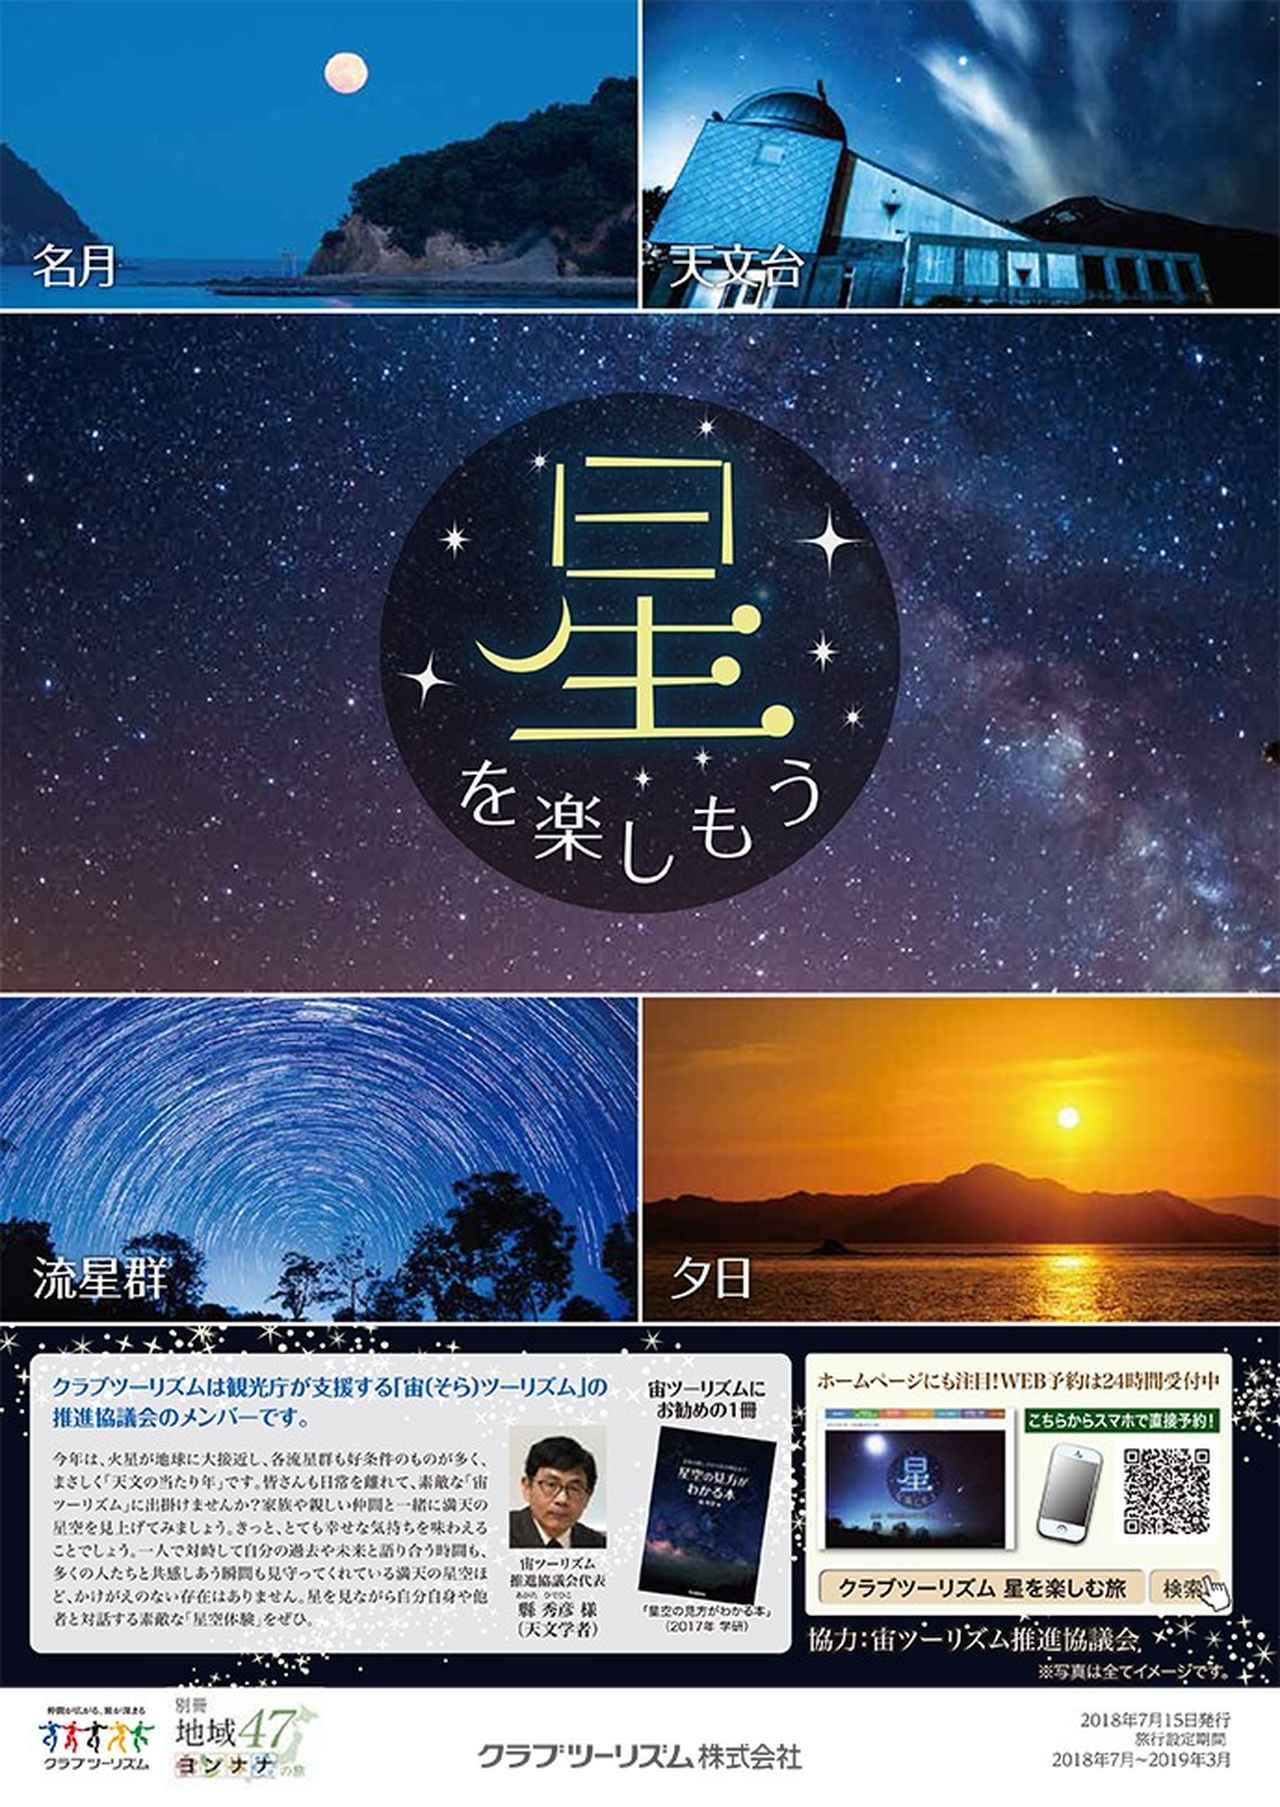 画像: 7月15日に、「星を楽しもう」カタログが発行されました